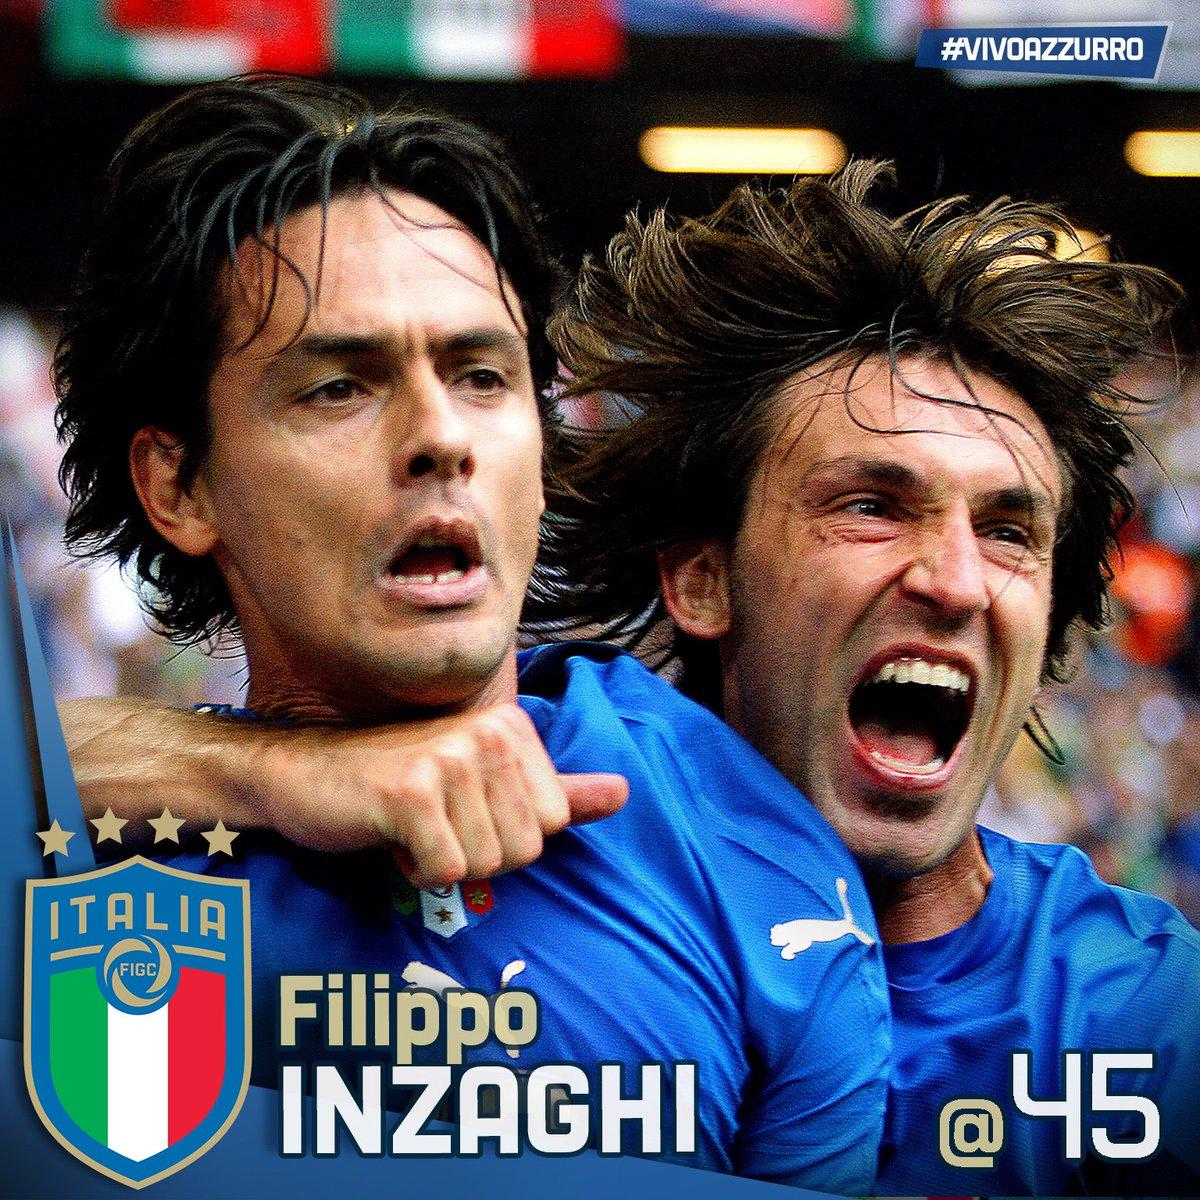 Buon compleanno a Filippo #Inzaghi! 57 presenze in #Nazionale 25 #gol #Mondiale #Germania2006 #Europeo #Under21 #Piacenza, #9agosto 1973L\